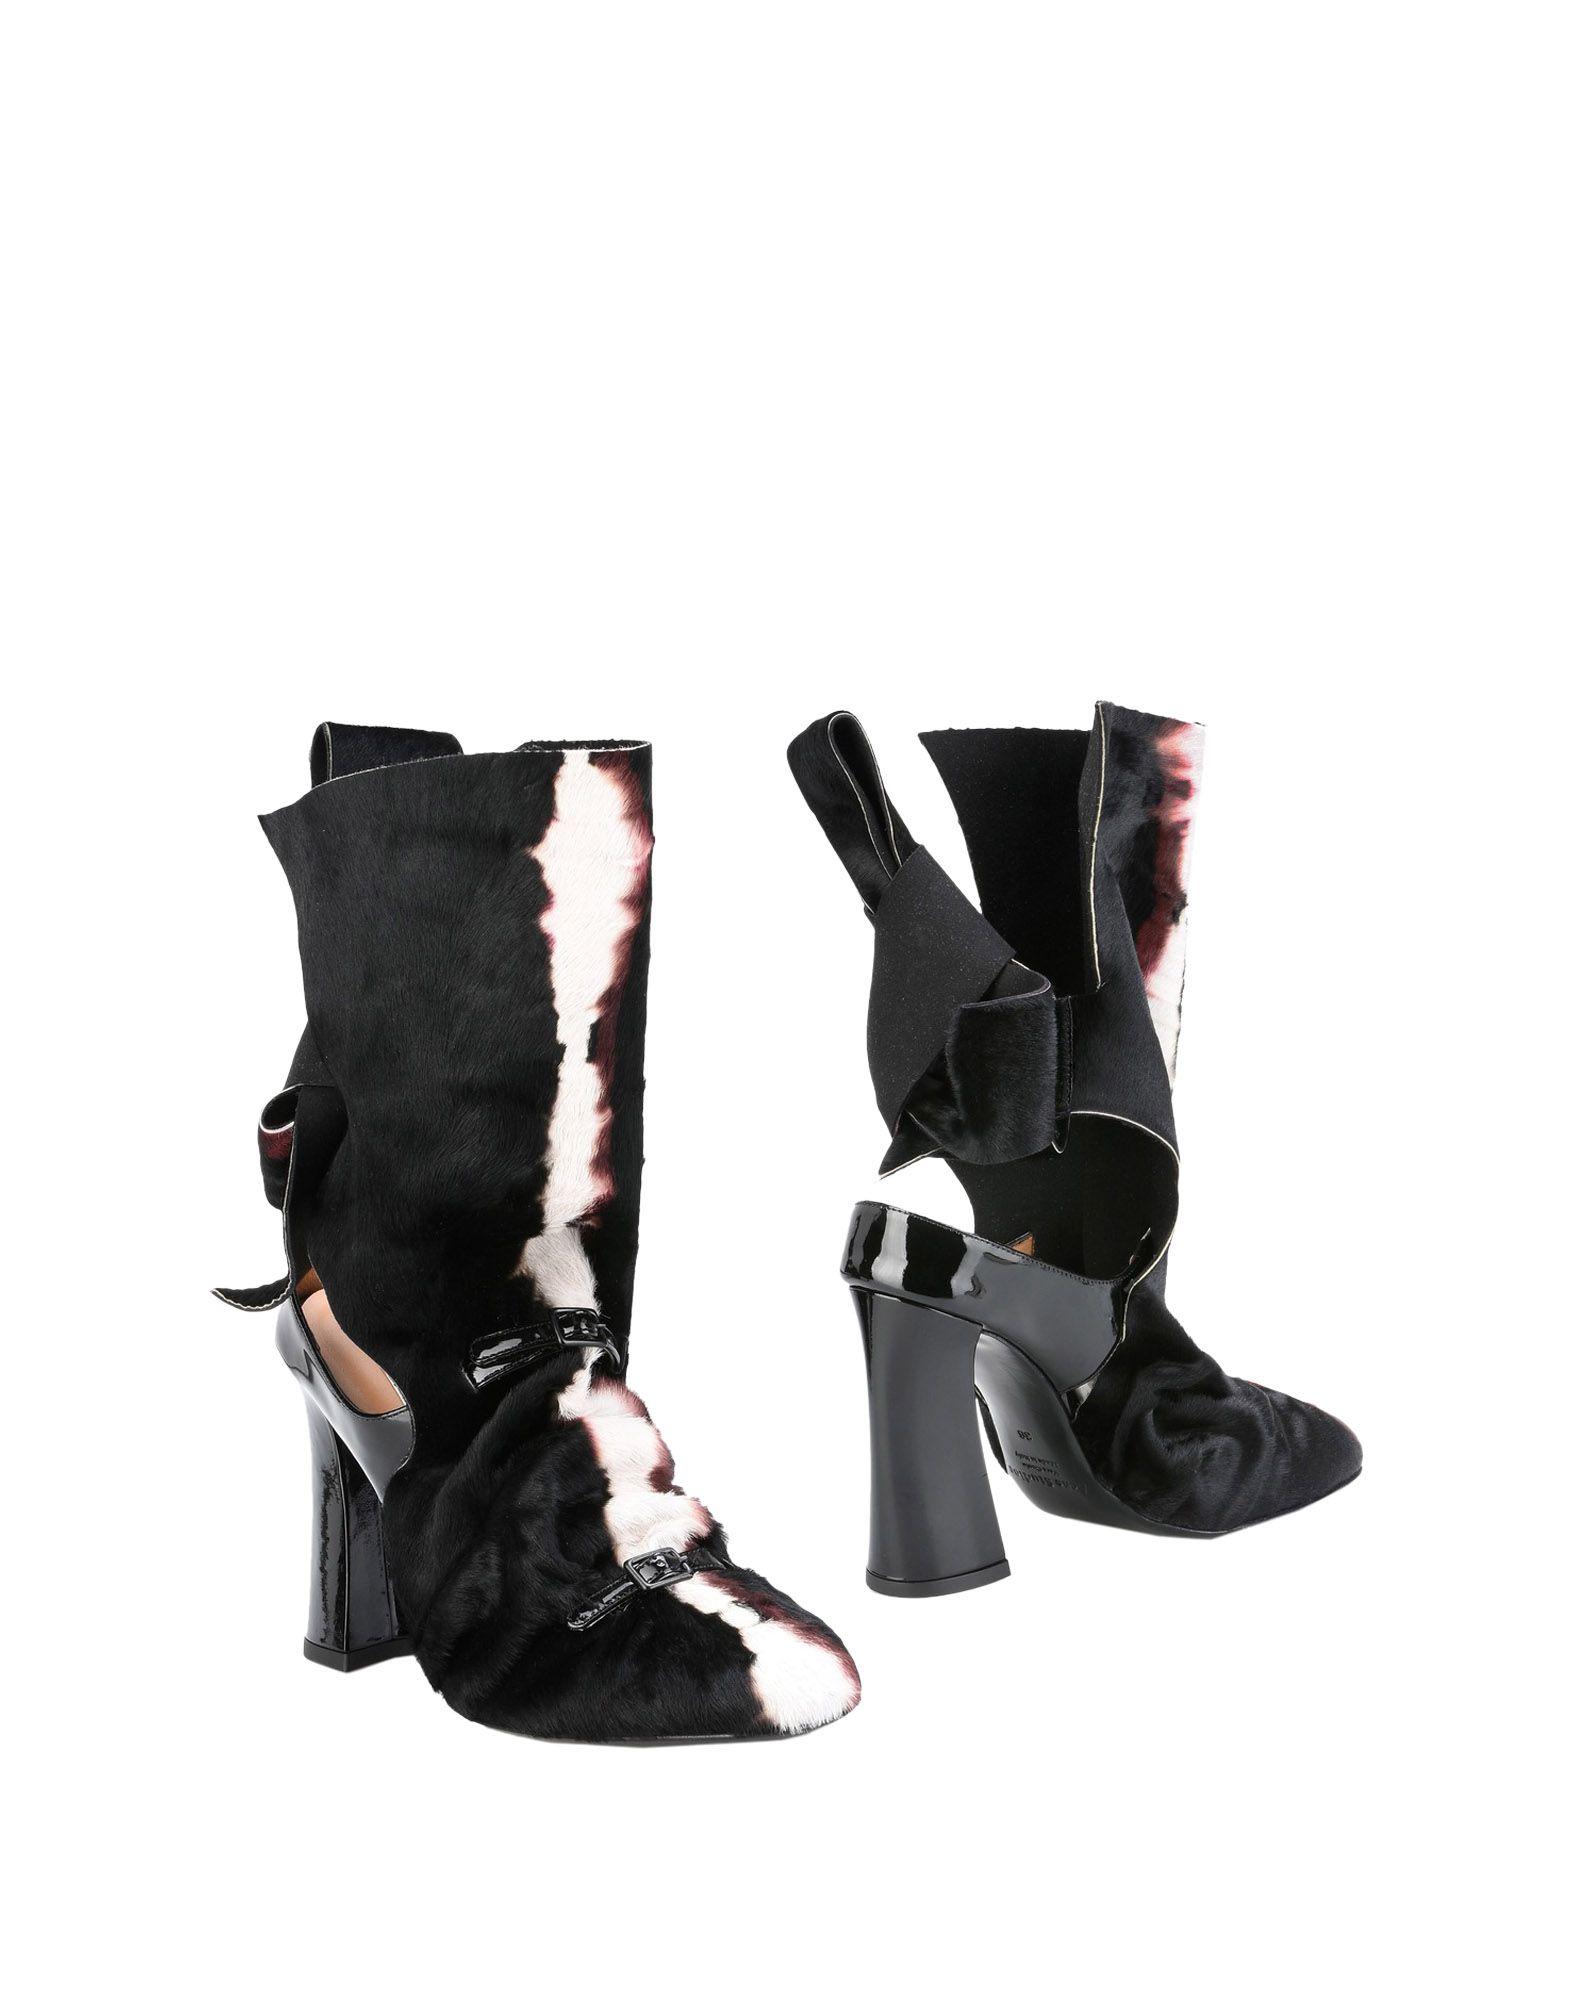 Acne Studios Stiefelette strapazierfähige Damen  11388387PQGut aussehende strapazierfähige Stiefelette Schuhe 35786b